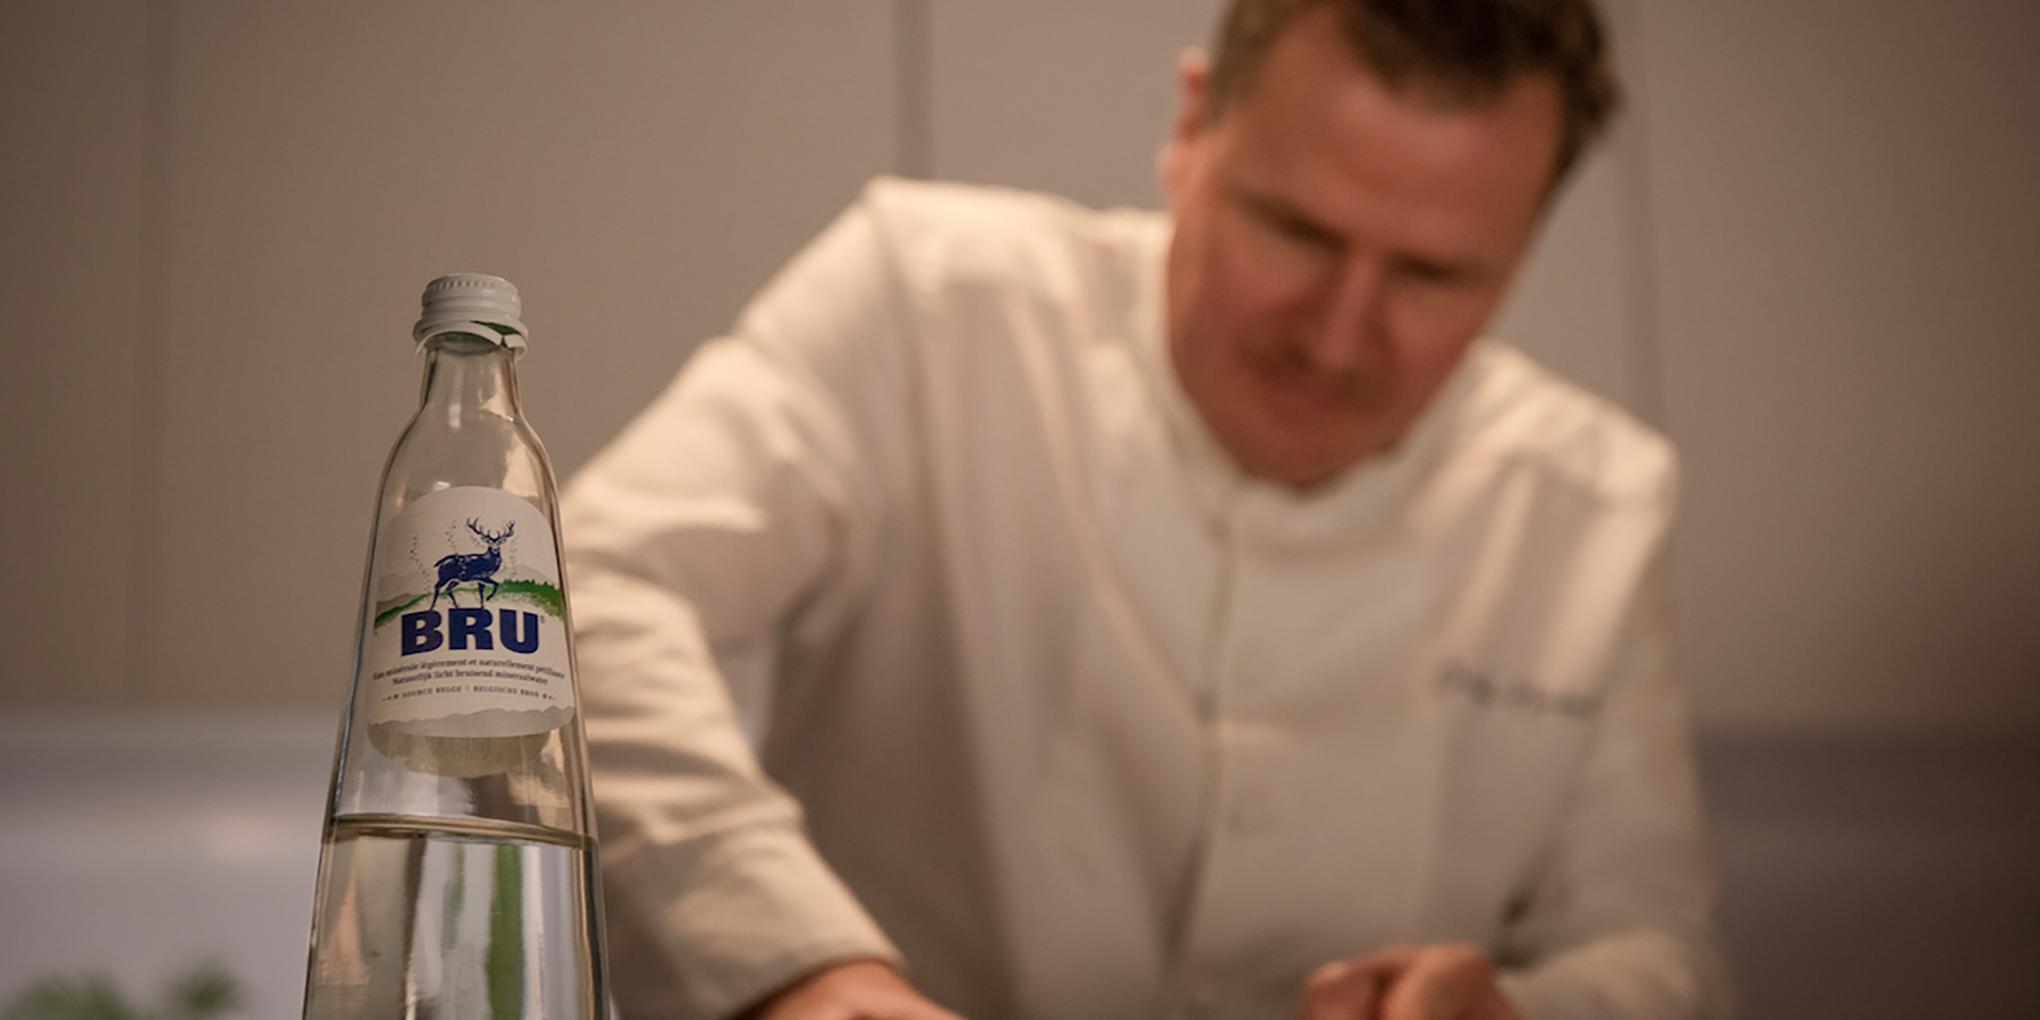 Christophe Hardiquest dans les cuisines de son restaurant Bon-bon avec une bouteille de BRU®